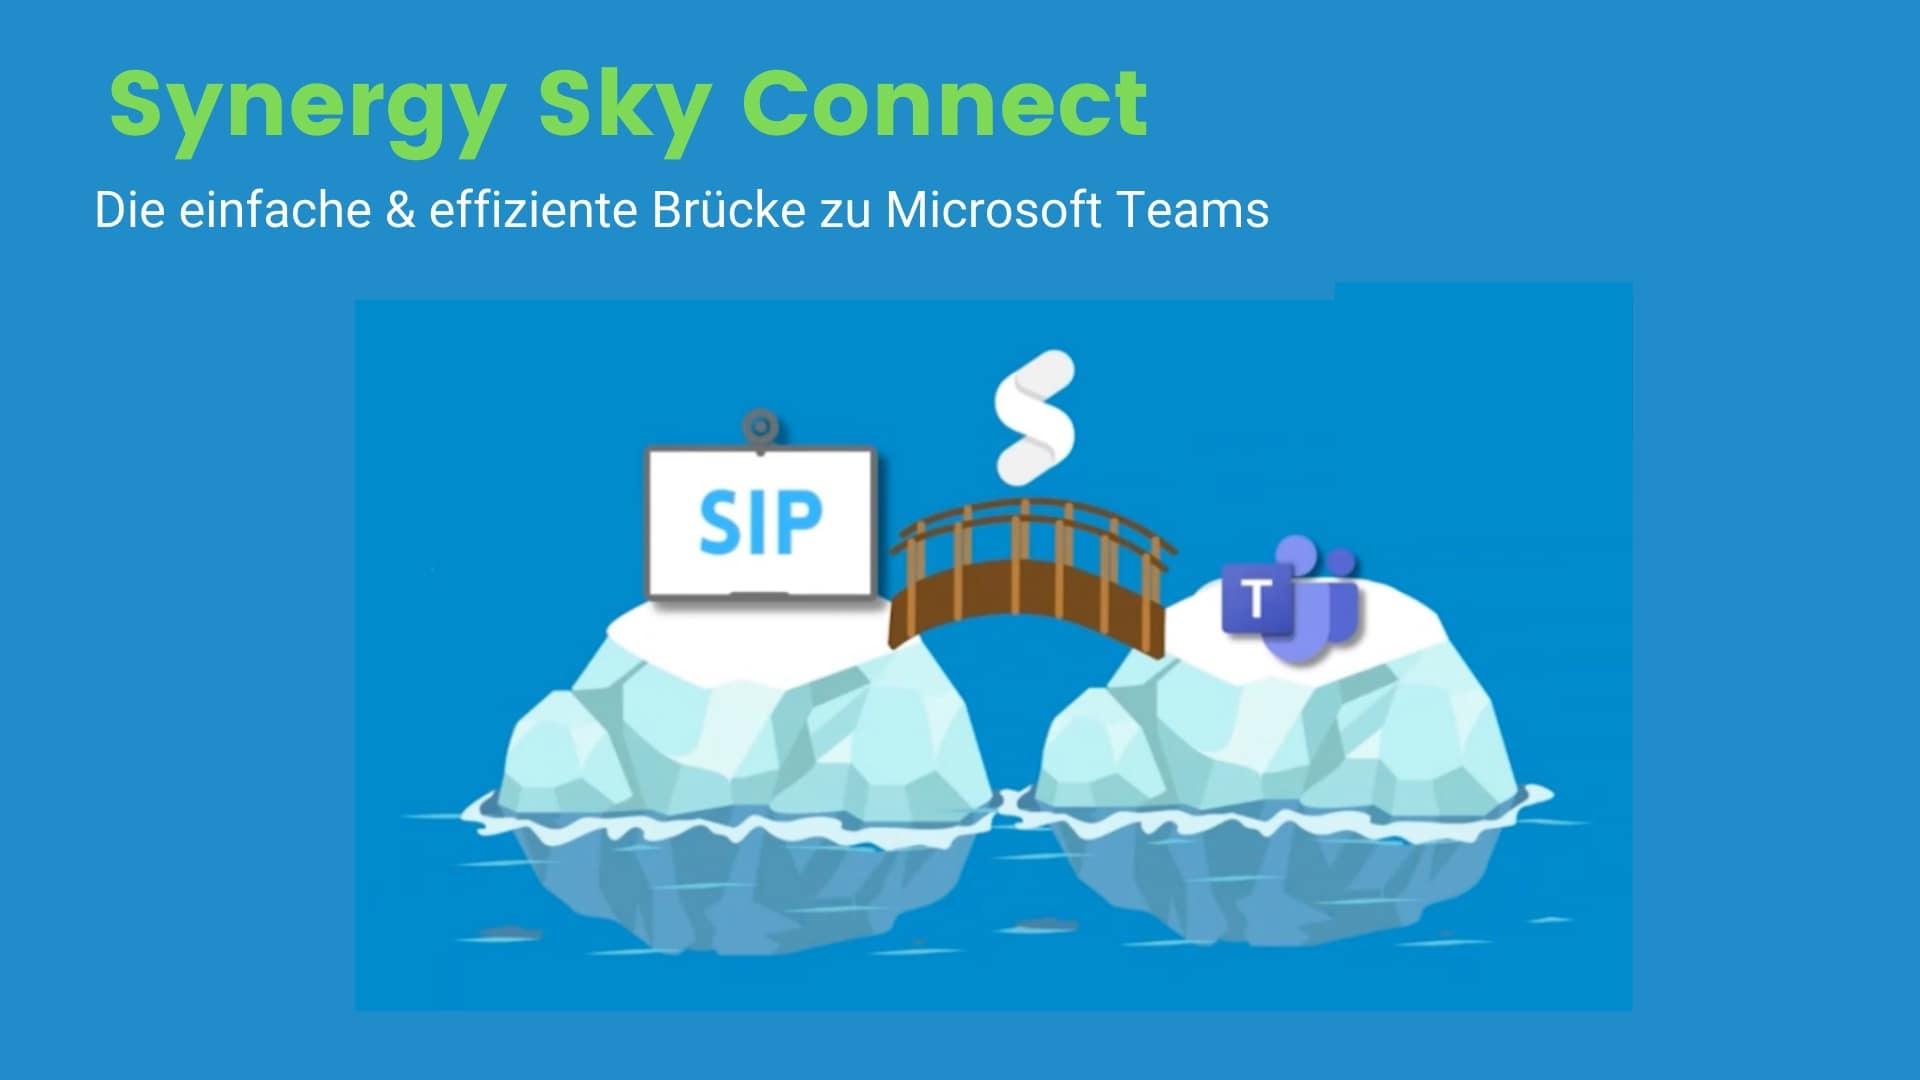 Synergy Sky Connect, die Brücke zu Microsoft Teams